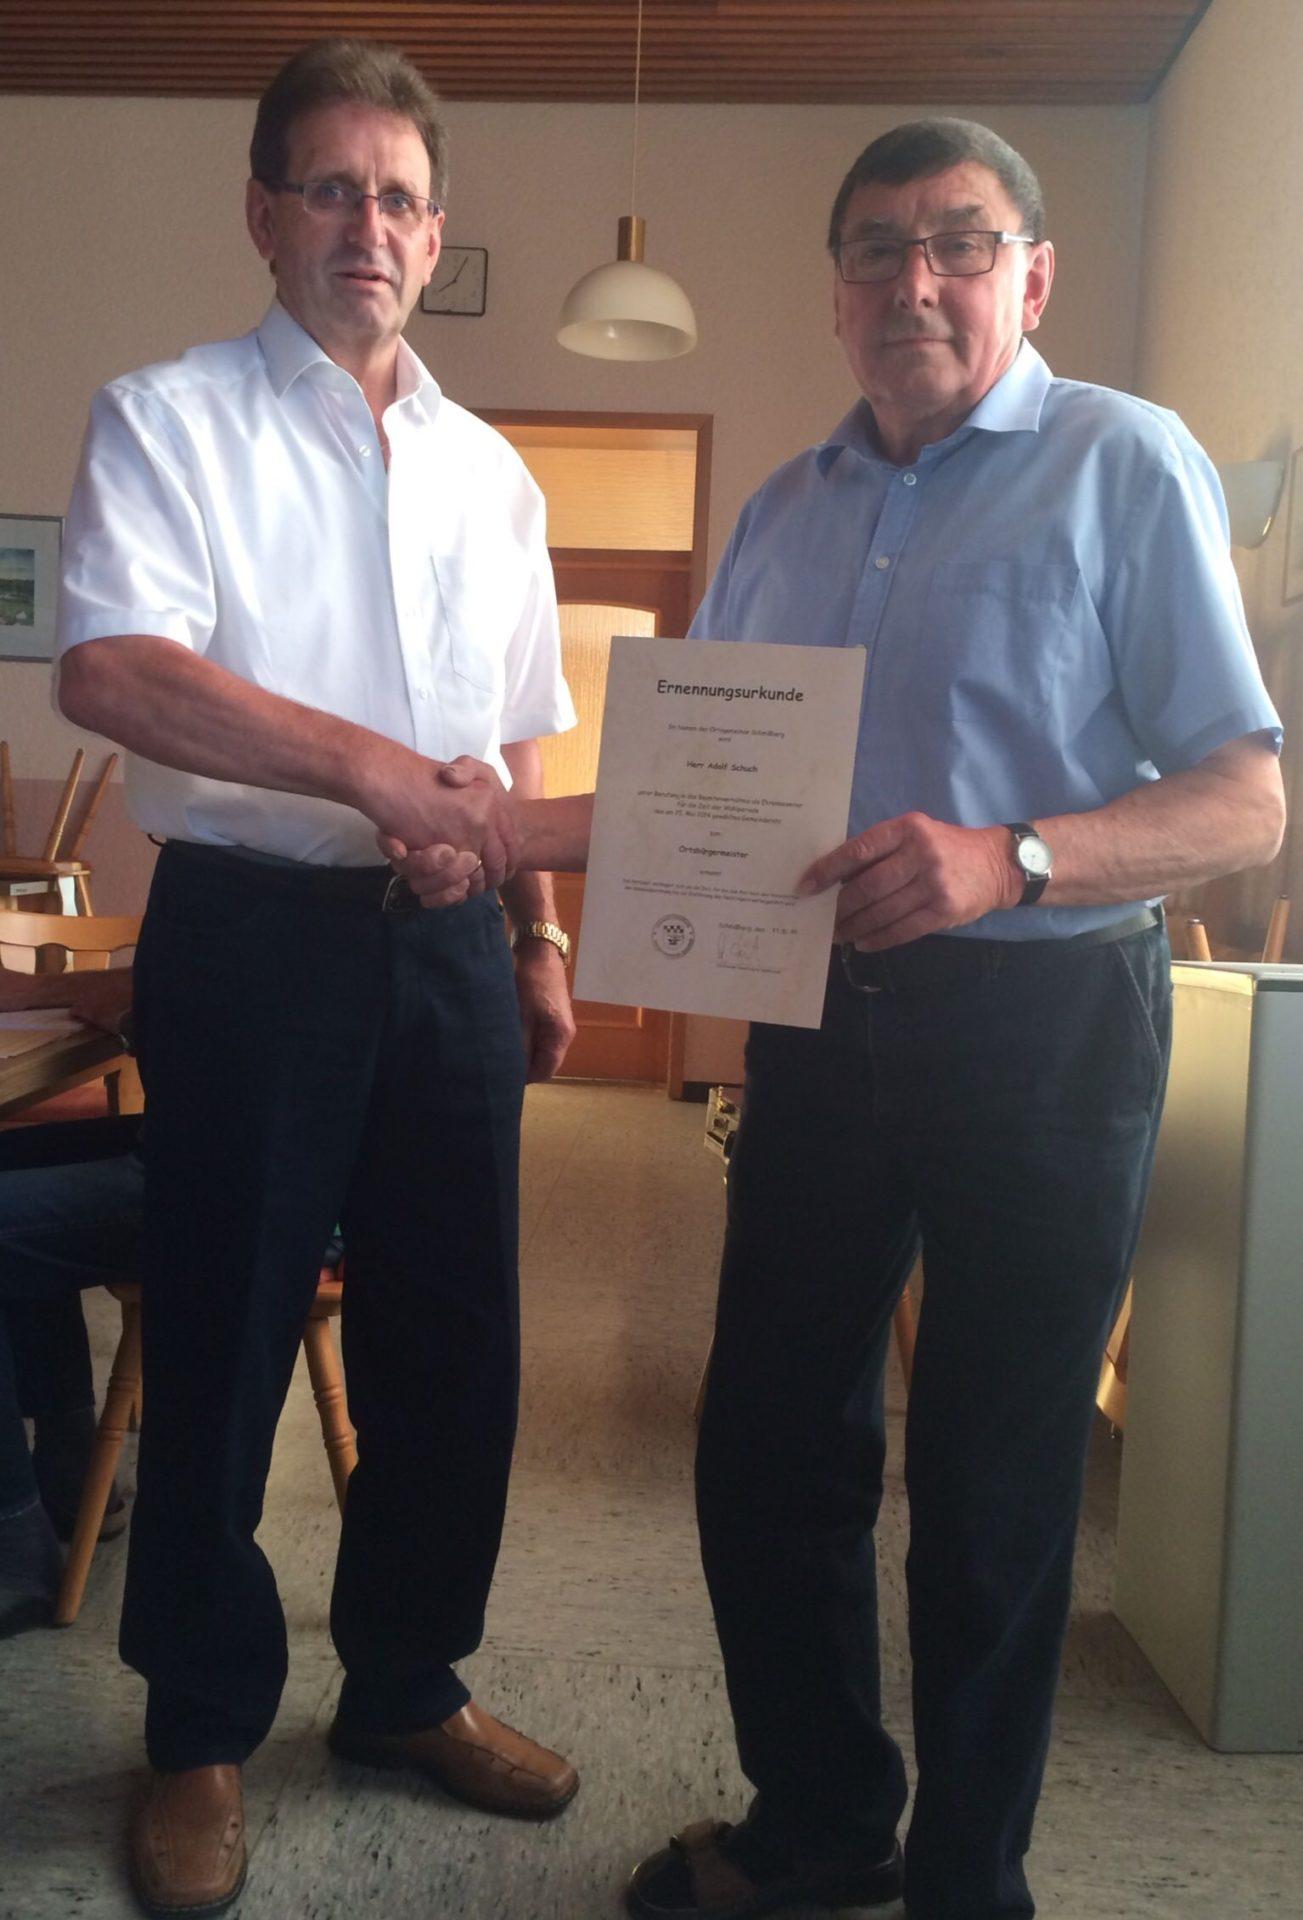 Adolf Schuch wird von Ralph Dietz zum Ortsbürgermeister ernannt (v.l. Ralph Dietz und Adolf Schuch)